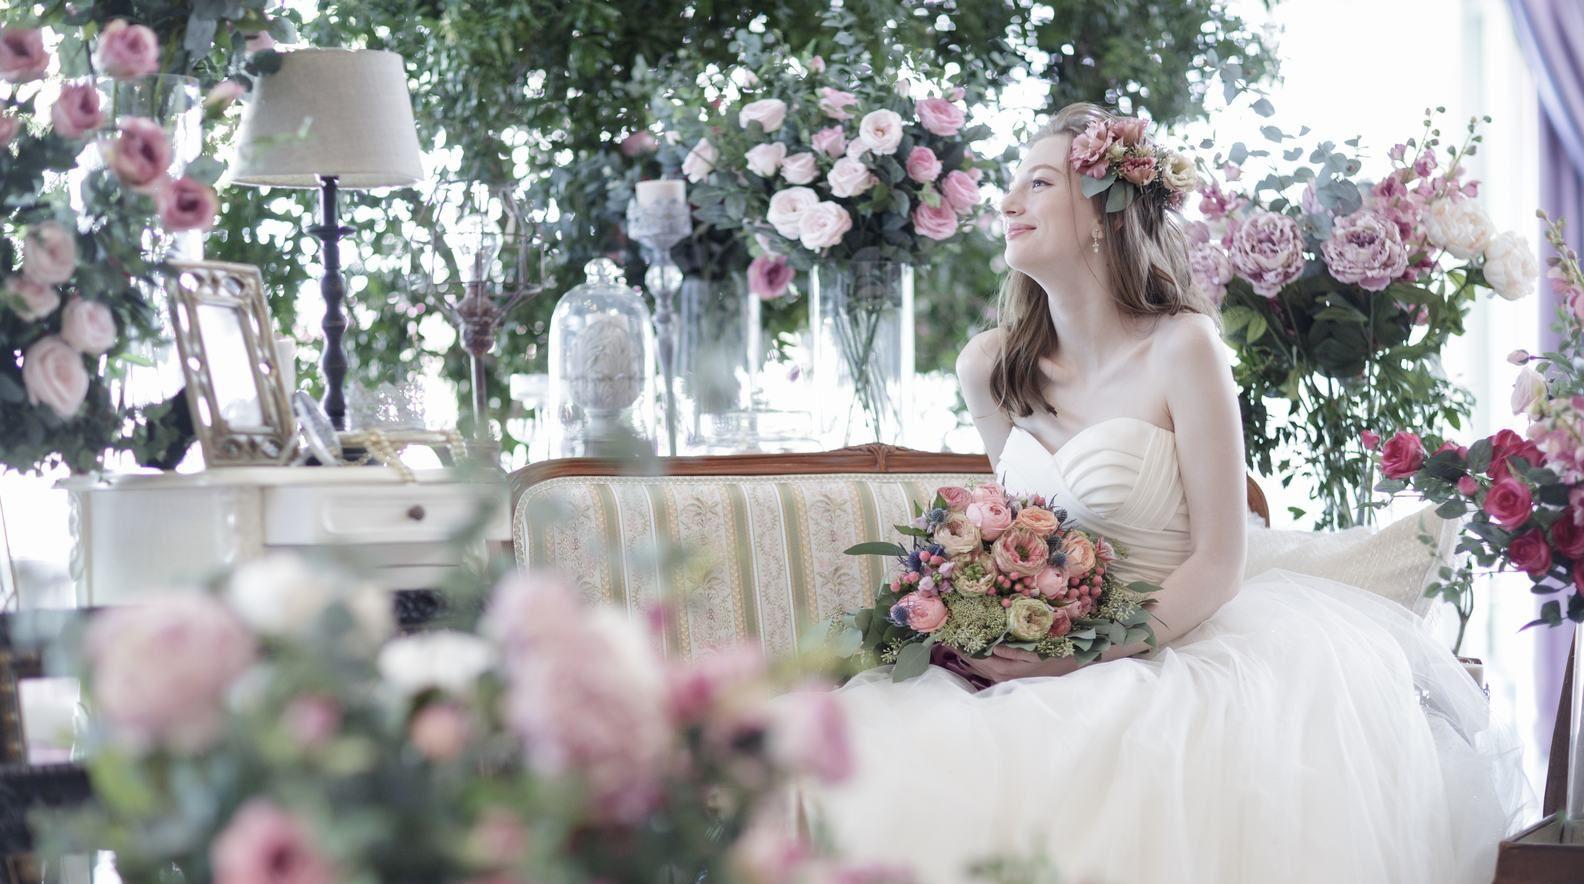 香川県の結婚式場シェルエメールのスイートLでの結婚式イメージ